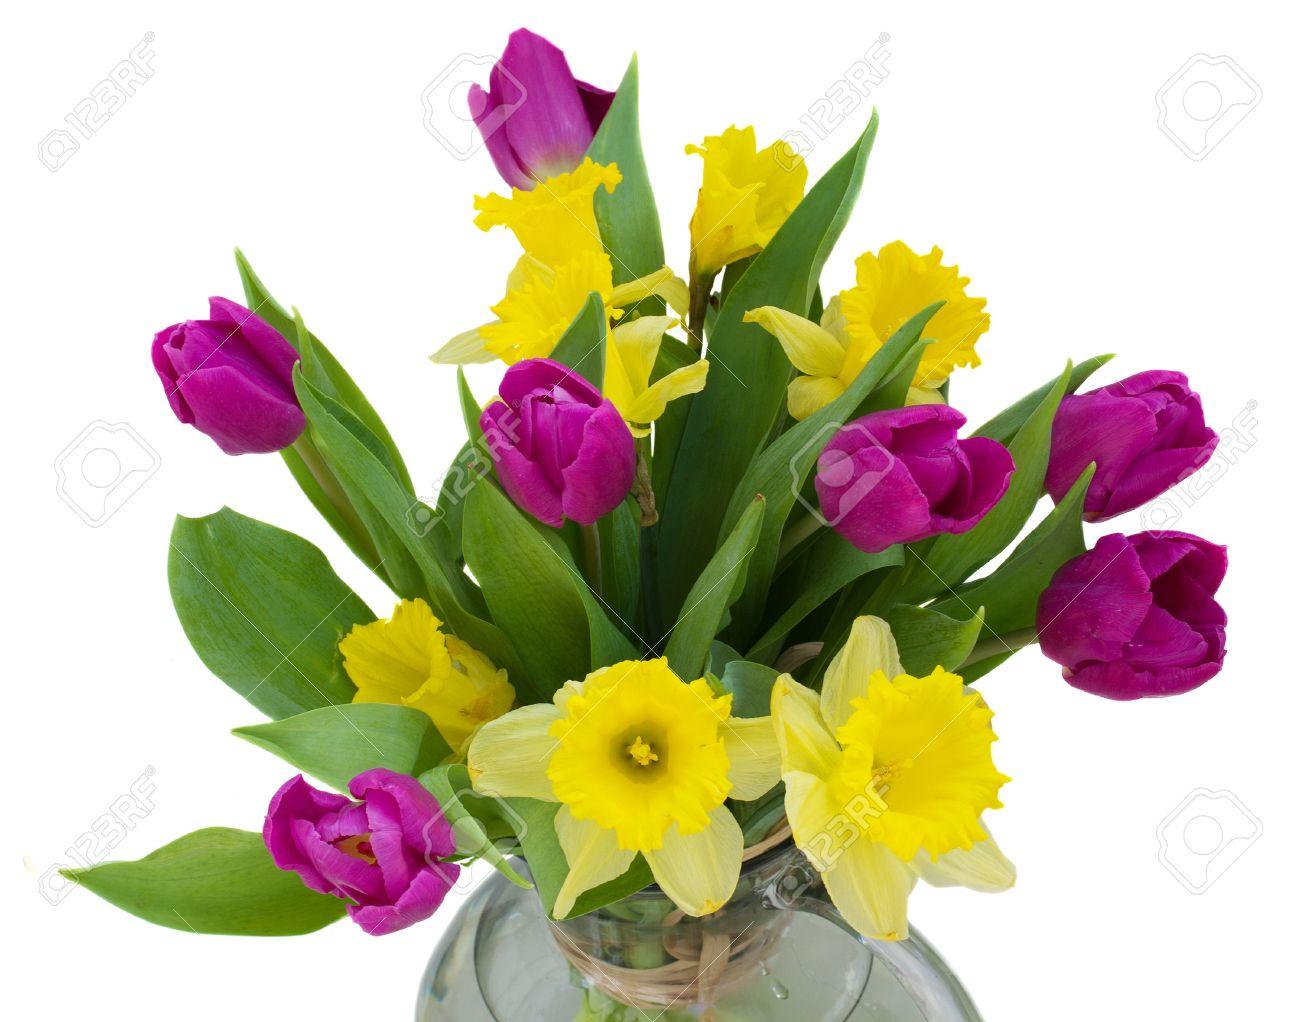 bouquet de fleurs de printemps - les tulipes et les jonquilles